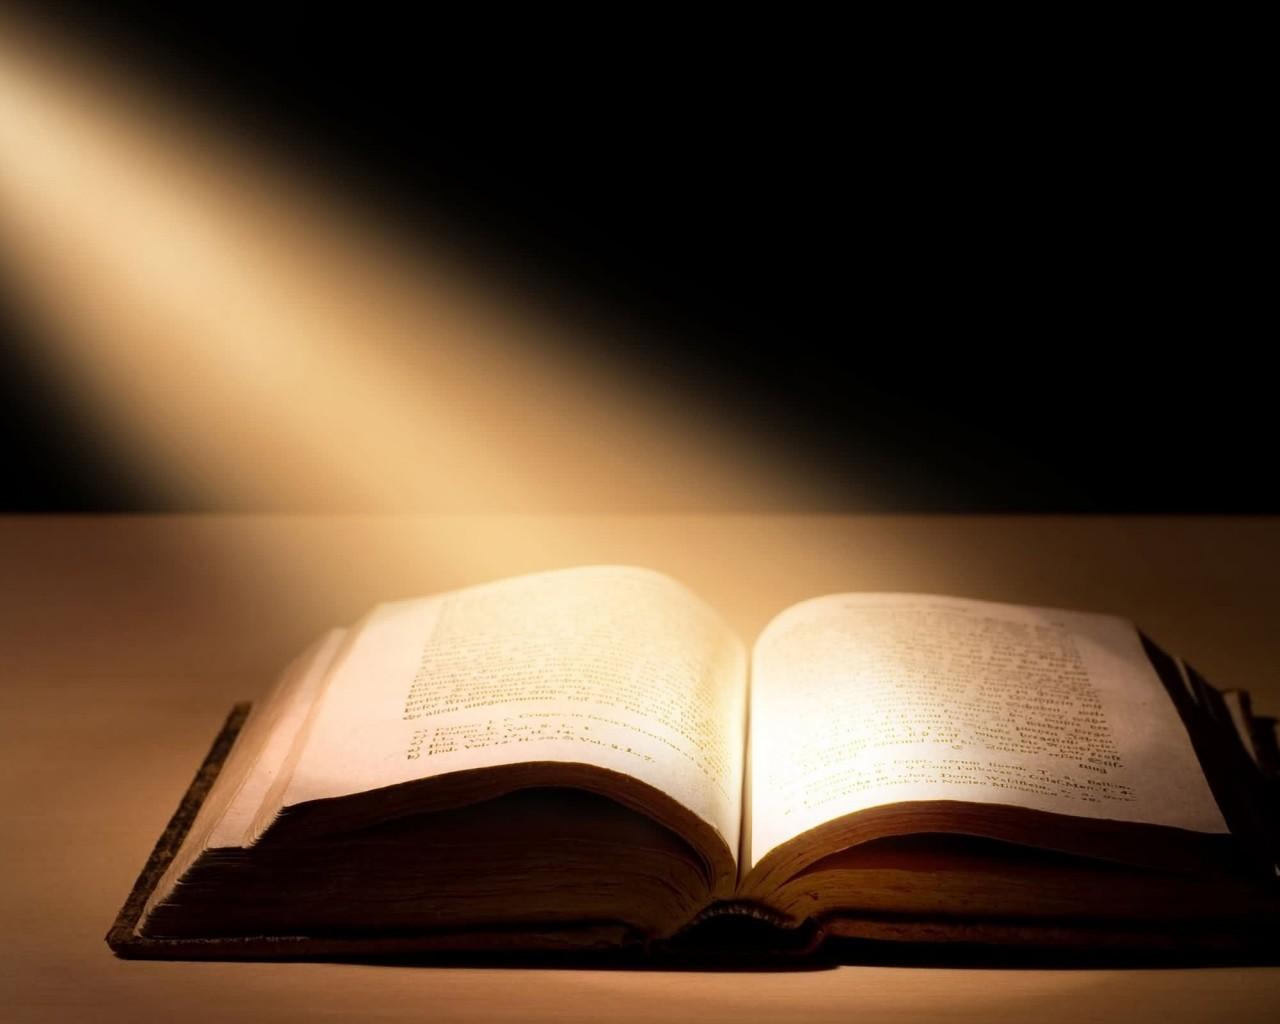 Caracteristicas de un Verdadero Cristiano Nicodemo tenia una Biblia y tambien conocimientos biblicos